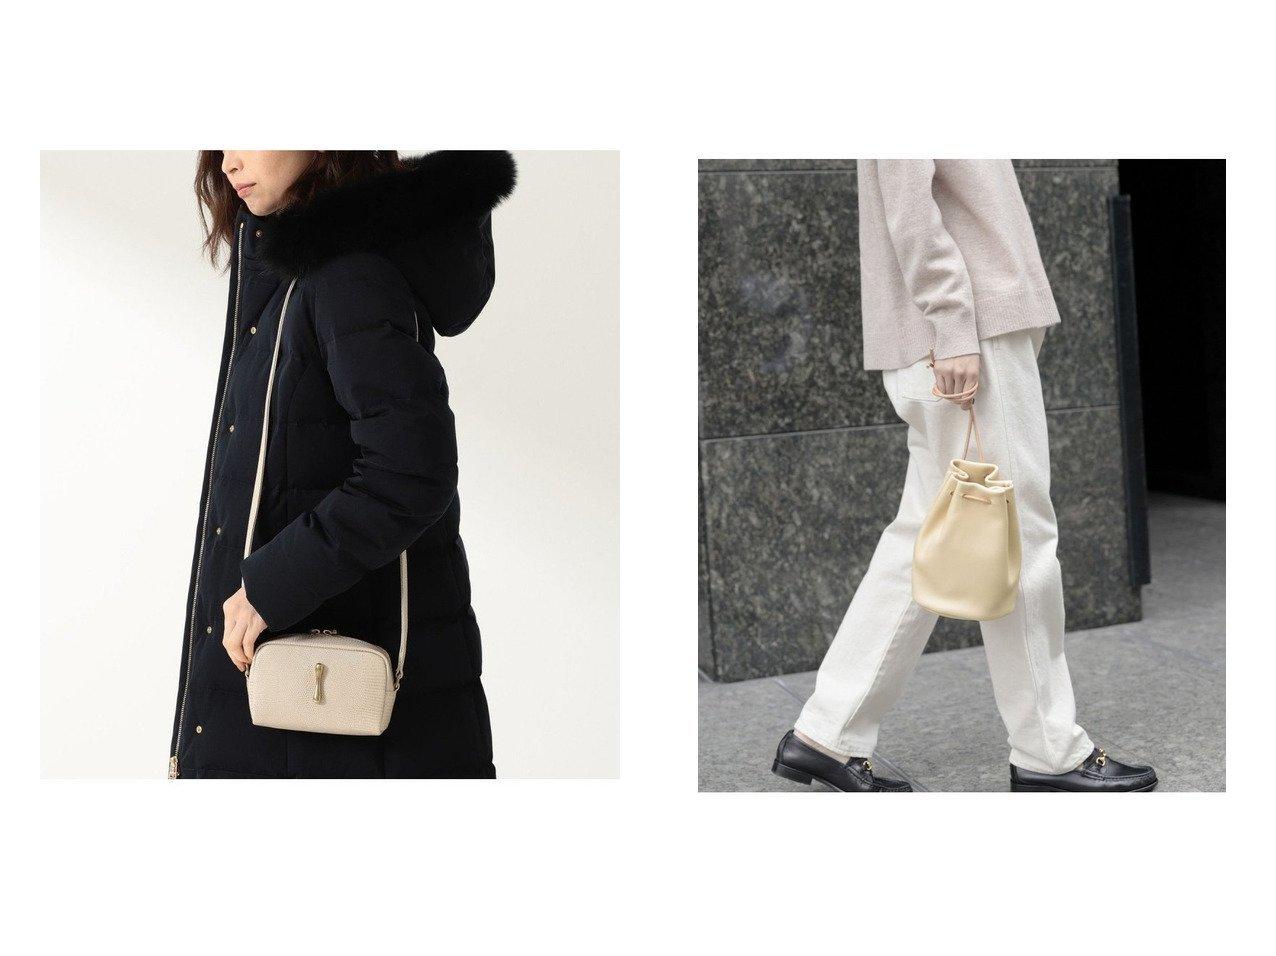 【kagure/かぐれ】のMORMYRUS bag&【Demi-Luxe BEAMS/デミルクス ビームス】のTOFF& レヴューリザード ミニショルダーバッグ バッグ・鞄のおすすめ!人気、トレンド・レディースファッションの通販  おすすめで人気の流行・トレンド、ファッションの通販商品 メンズファッション・キッズファッション・インテリア・家具・レディースファッション・服の通販 founy(ファニー) https://founy.com/ ファッション Fashion レディースファッション WOMEN バッグ Bag アクセサリー クラシック スタイリッシュ センター 人気 バランス フロント モダン ハンドバッグ ポーチ 巾着 財布 |ID:crp329100000009916